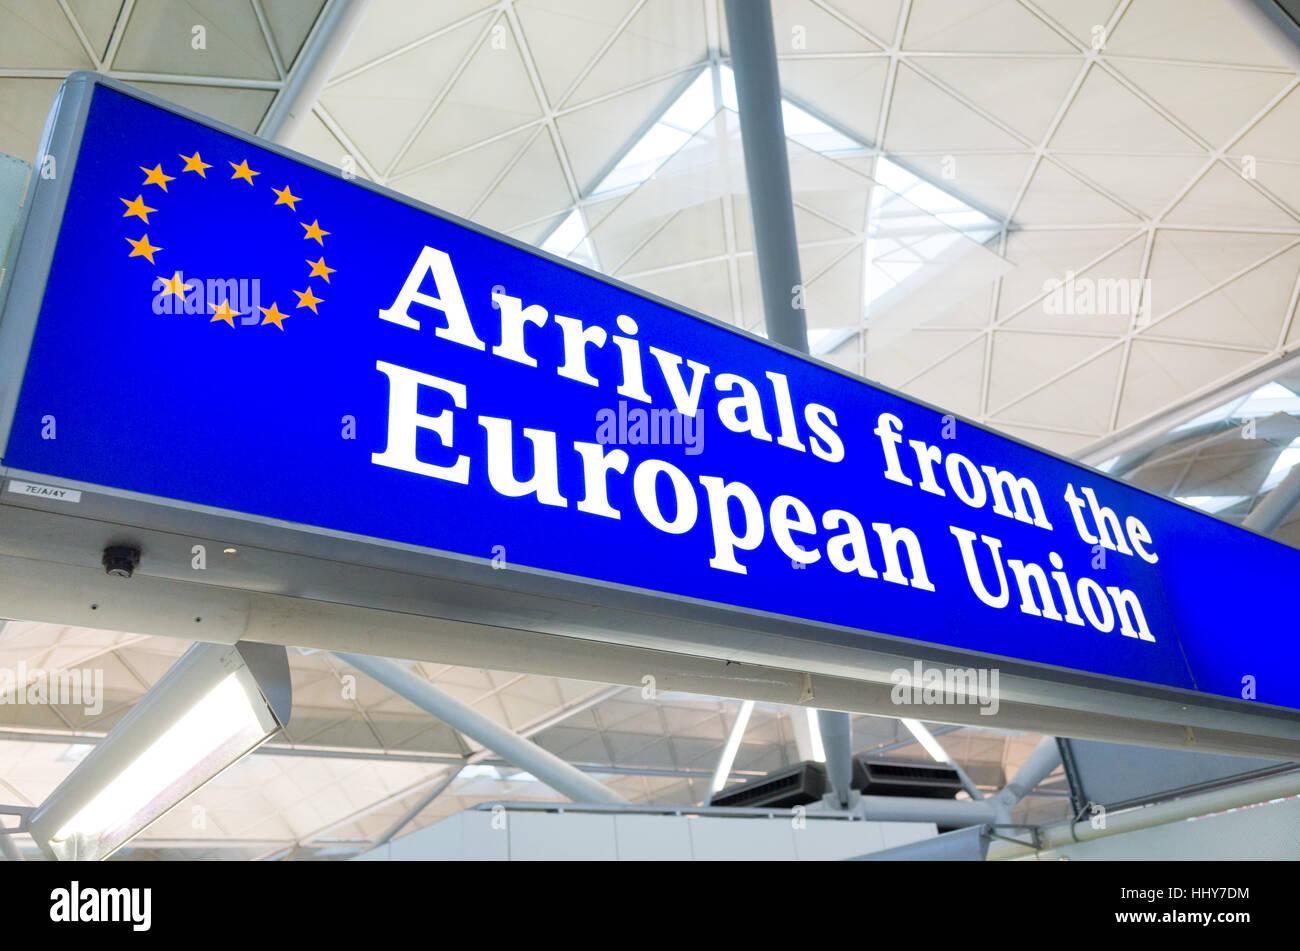 Arrivées à partir de la canal douanier de l'Union européenne à l'aéroport de Stansted, Photo Stock